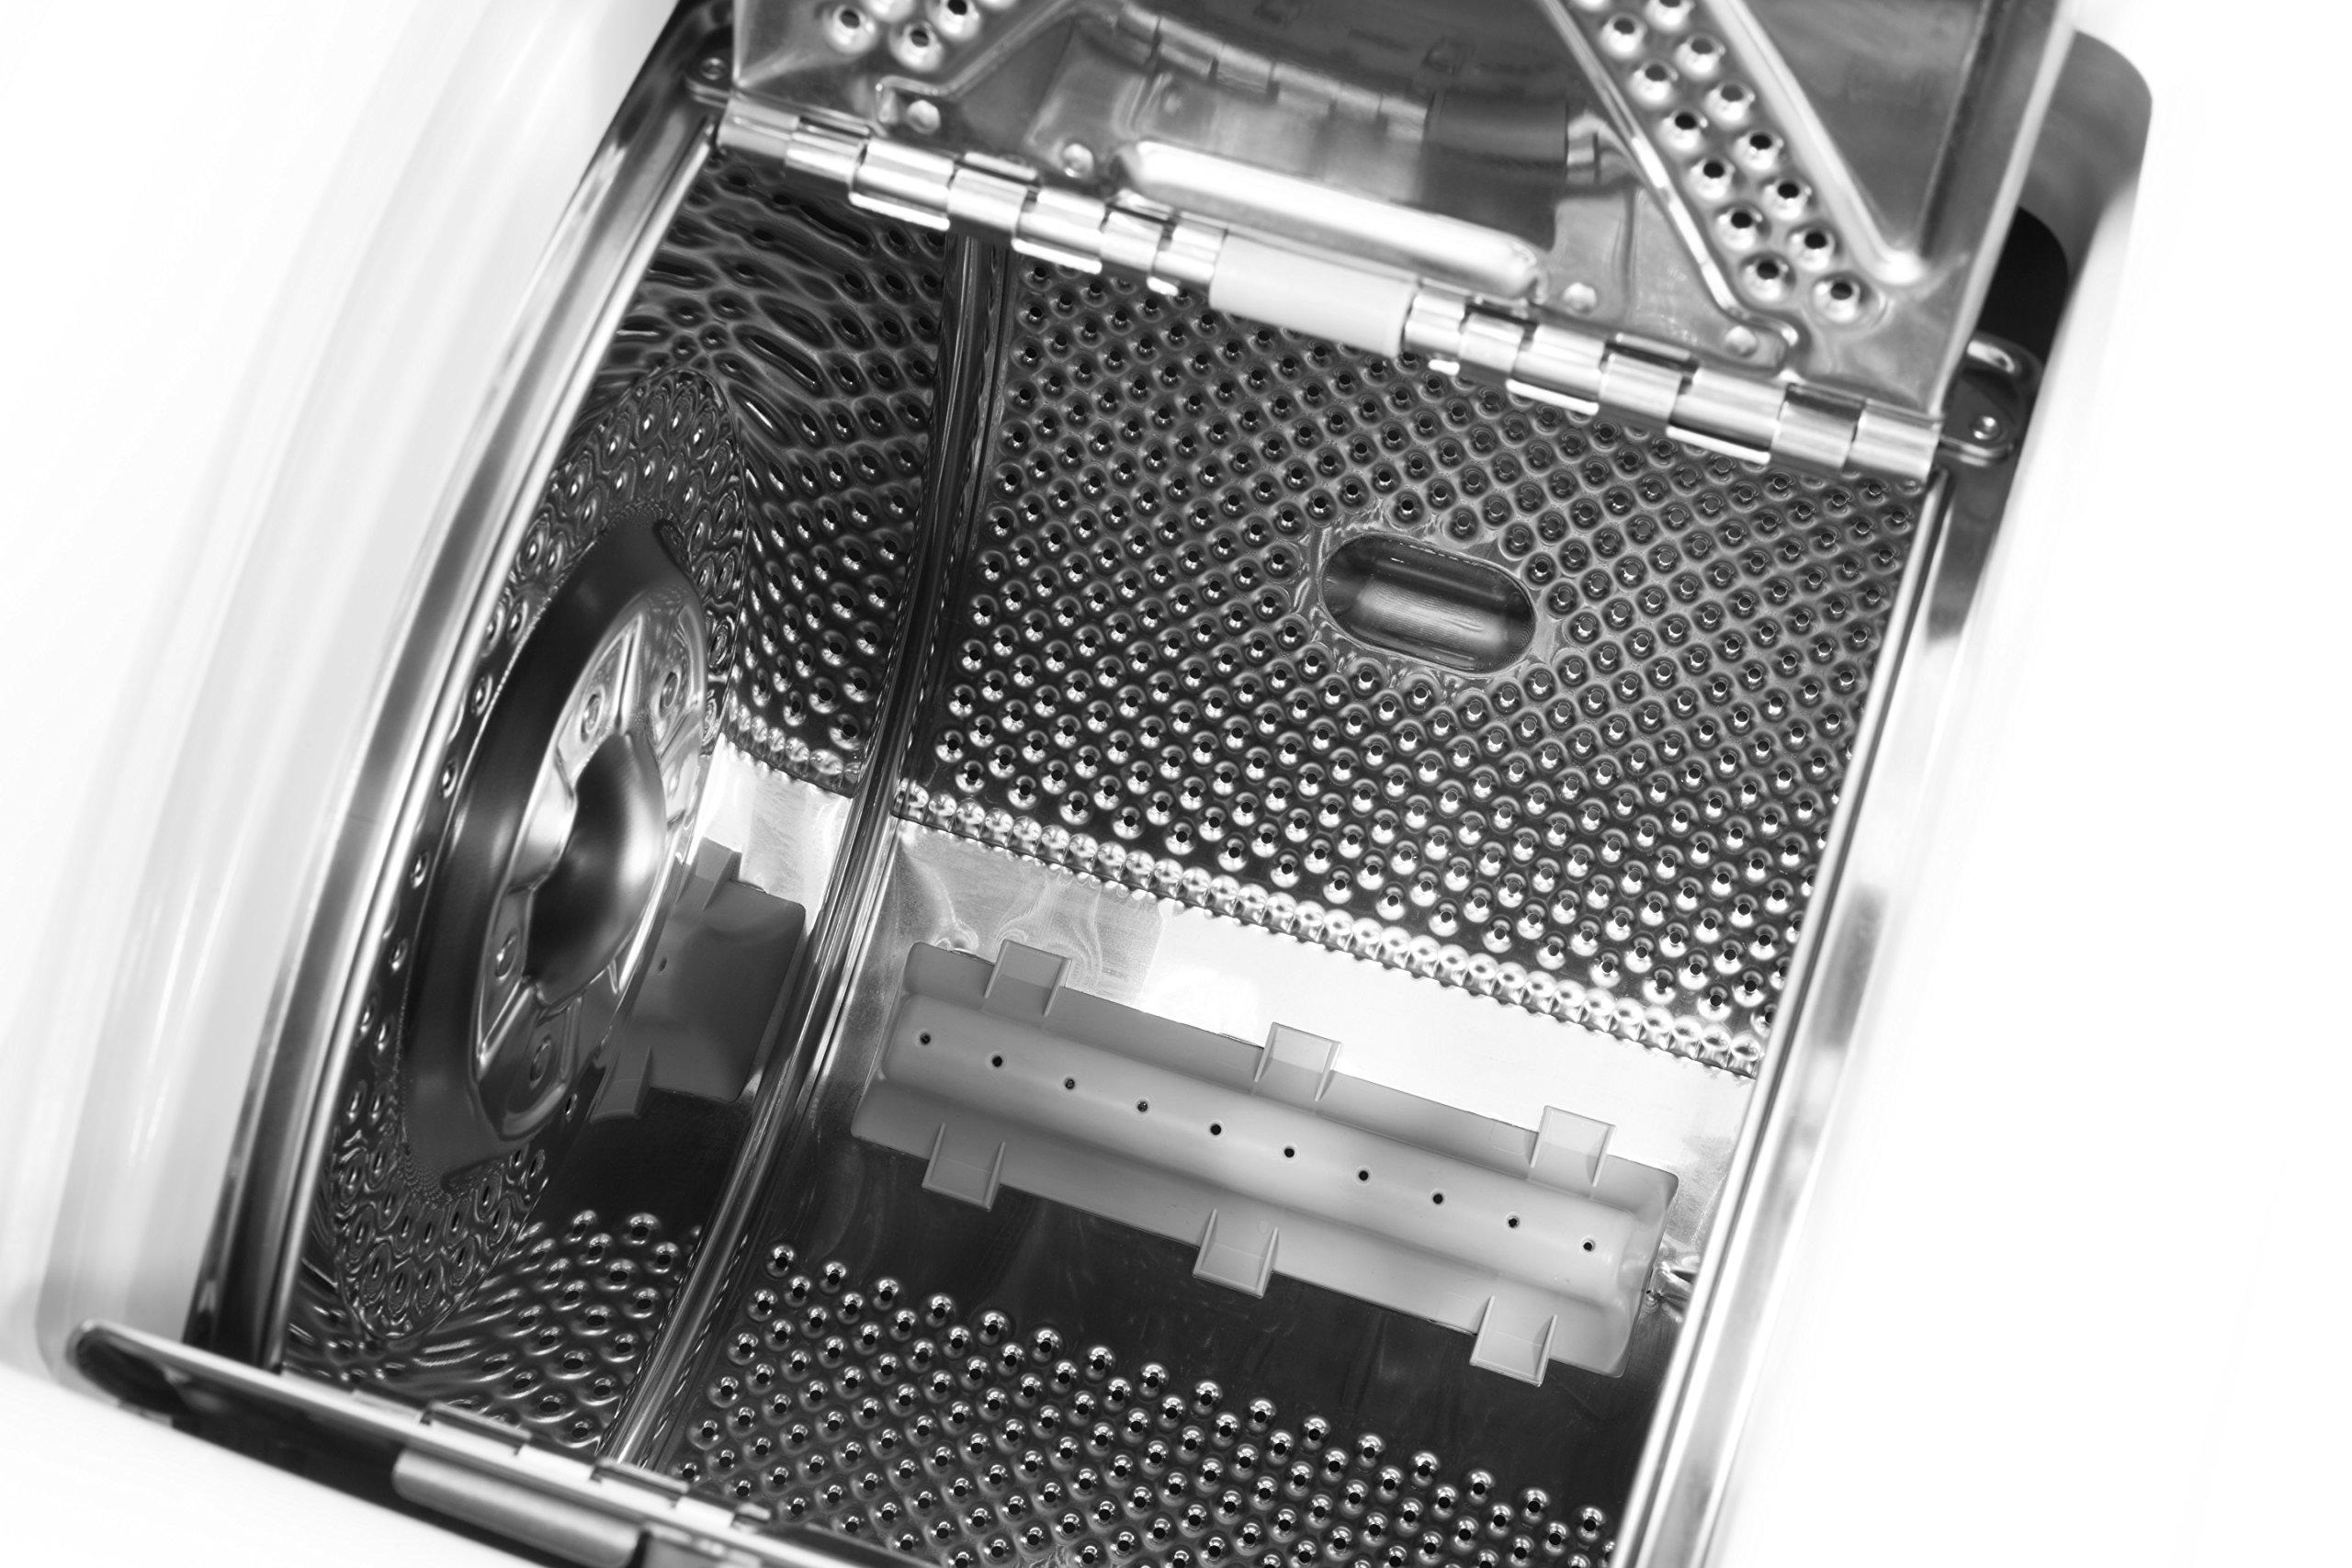 Bauknecht-WAT-Prime-Di-Waschmaschine-TL-Startzeitvorwahl-und-Restzeitanzeige-FreshFinish-verhindert-zuverlssig-Knitterfalten-wei